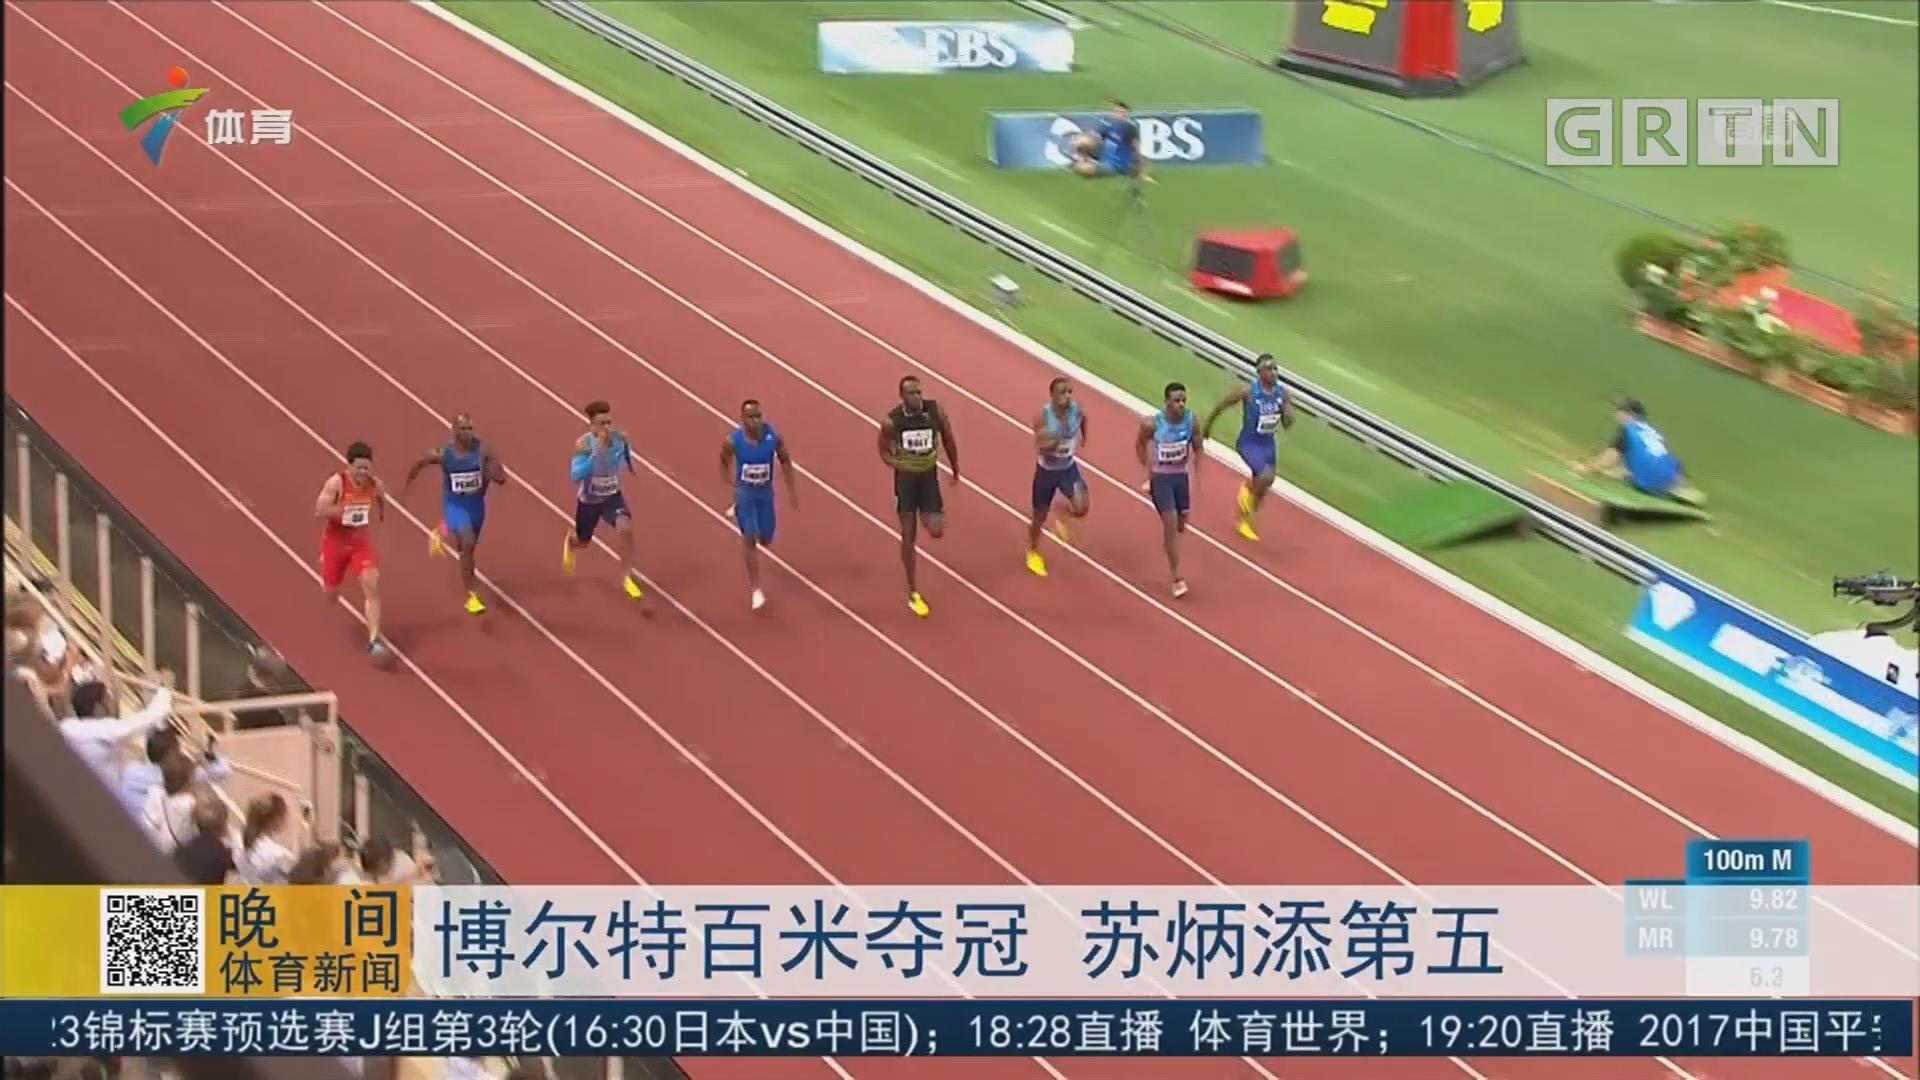 博尔特百米夺冠 苏炳添第五